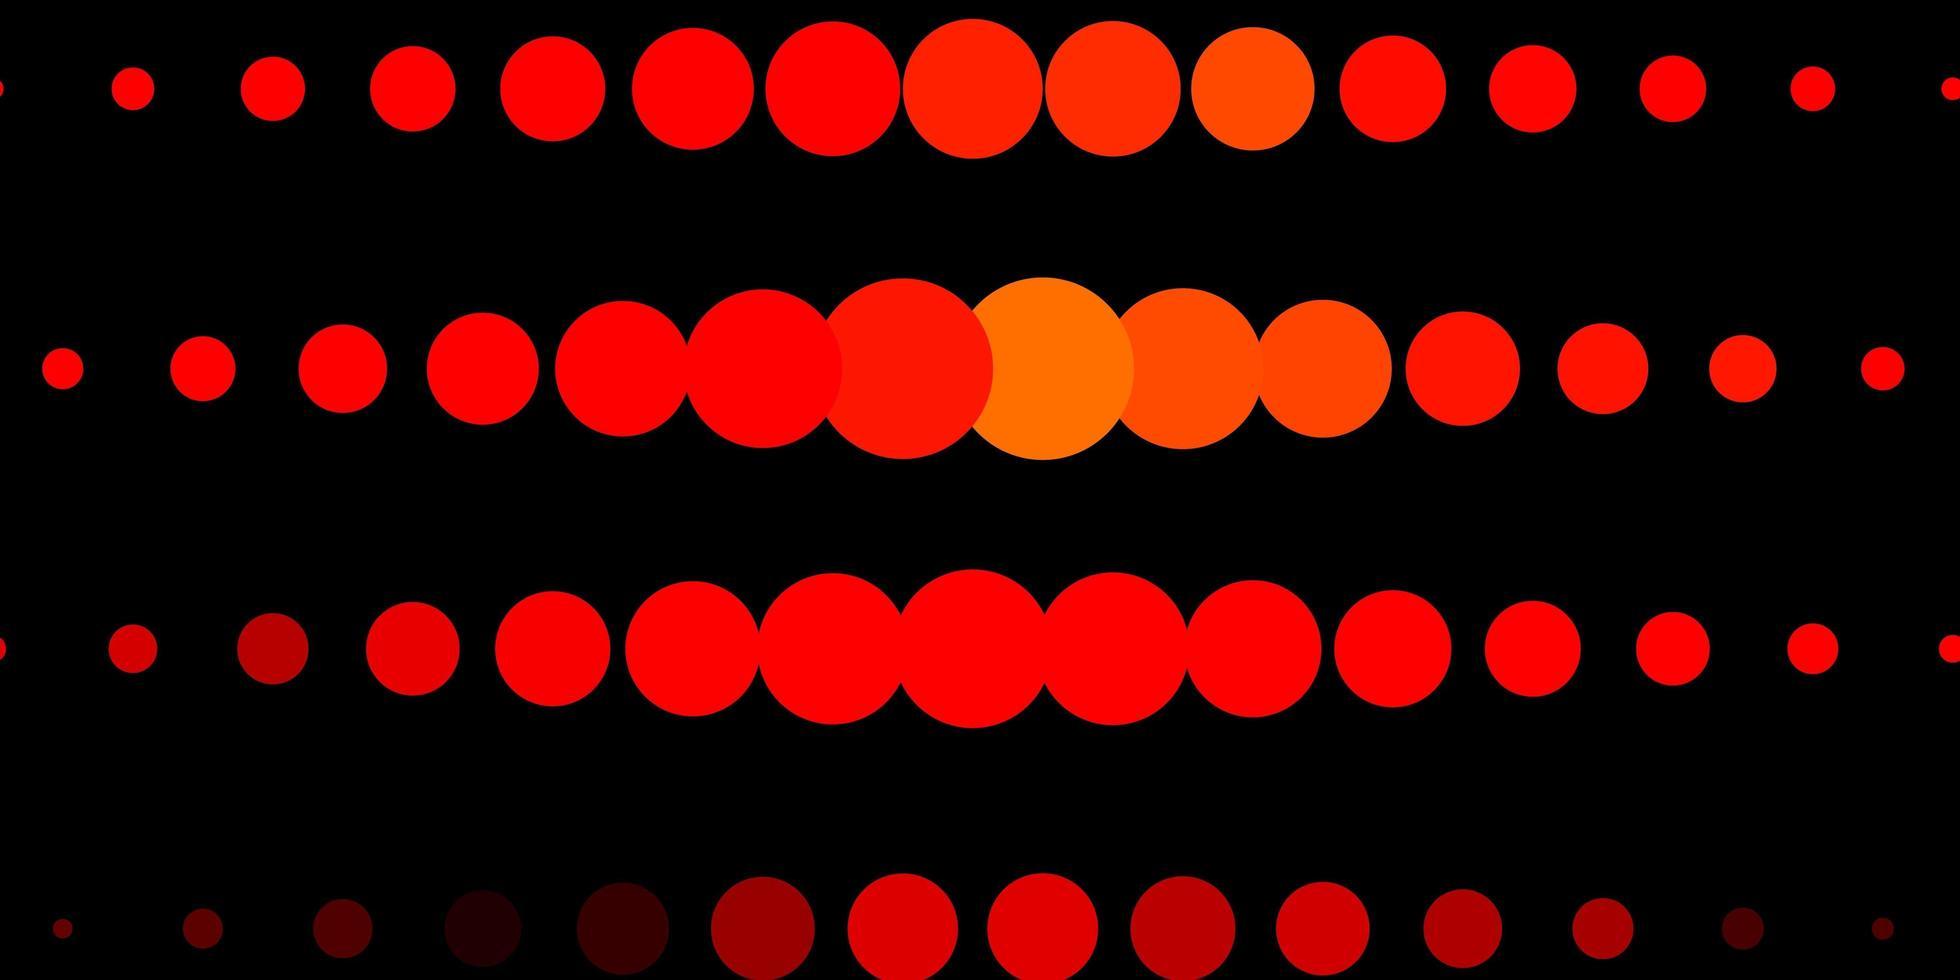 fundo vector vermelho e amarelo escuro com bolhas.